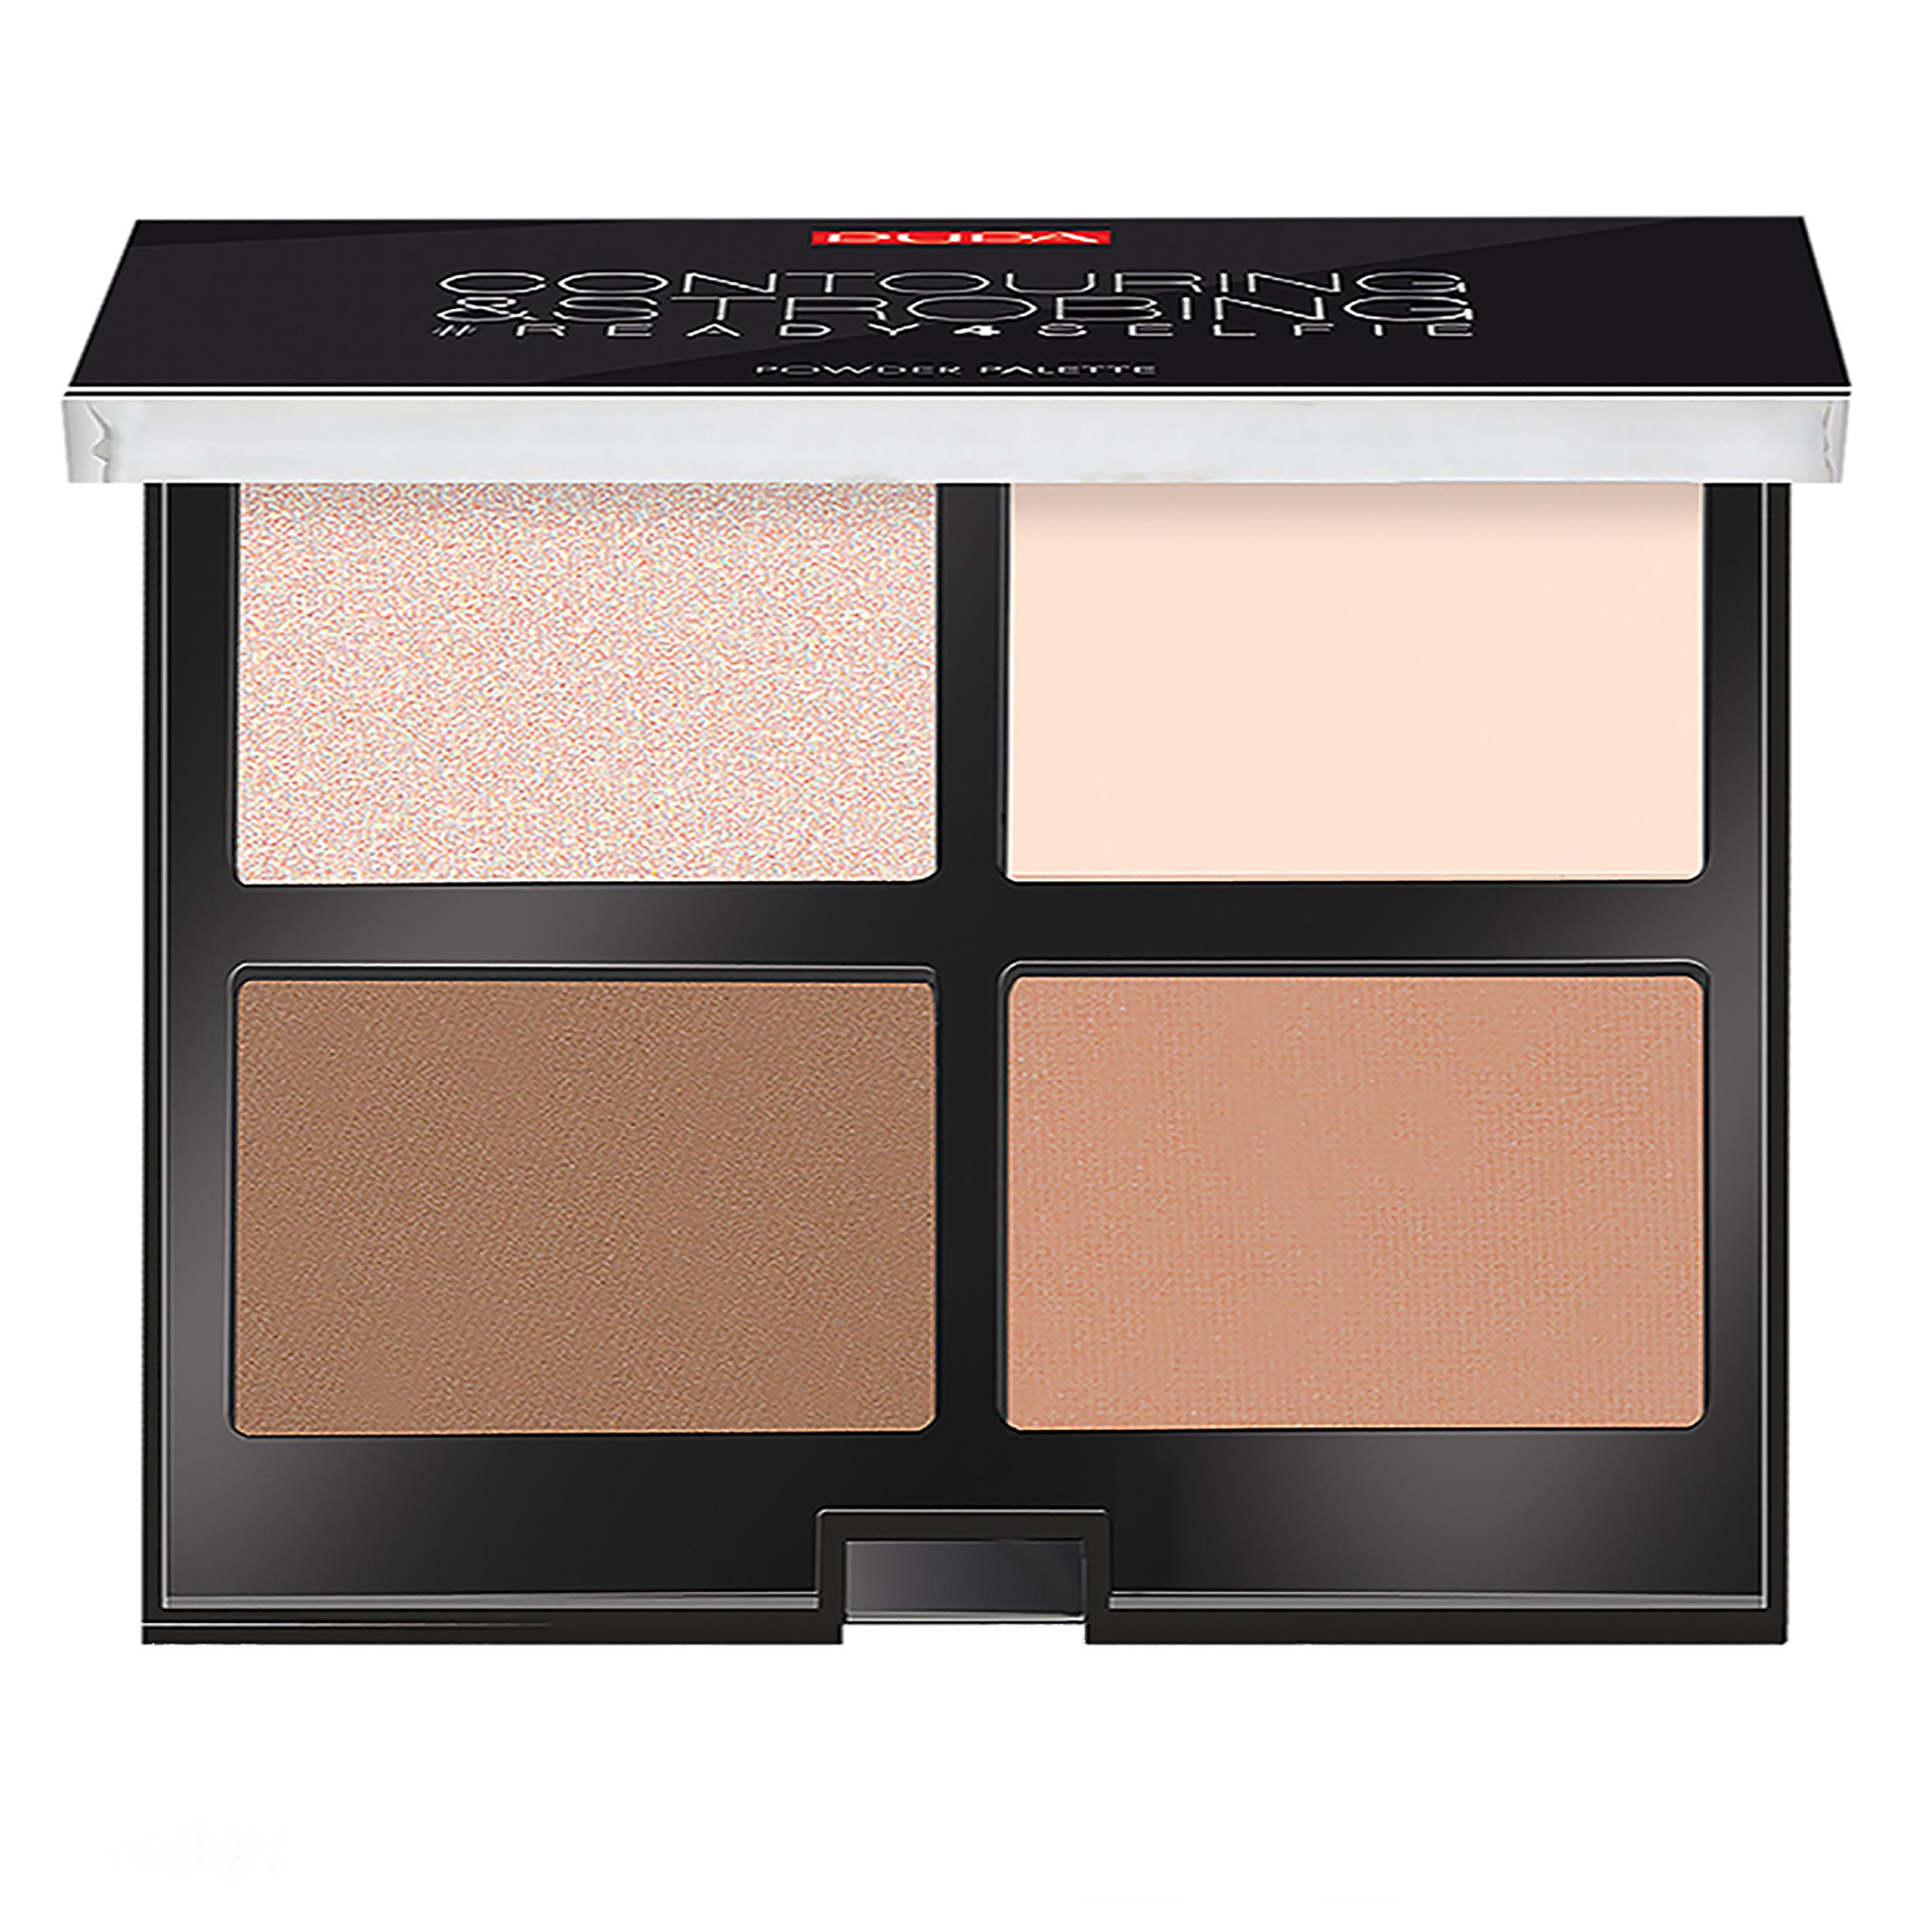 قیمت پالت کانتورینگ پوپا سری Strobing Palette مدل Light Skin شماره 01